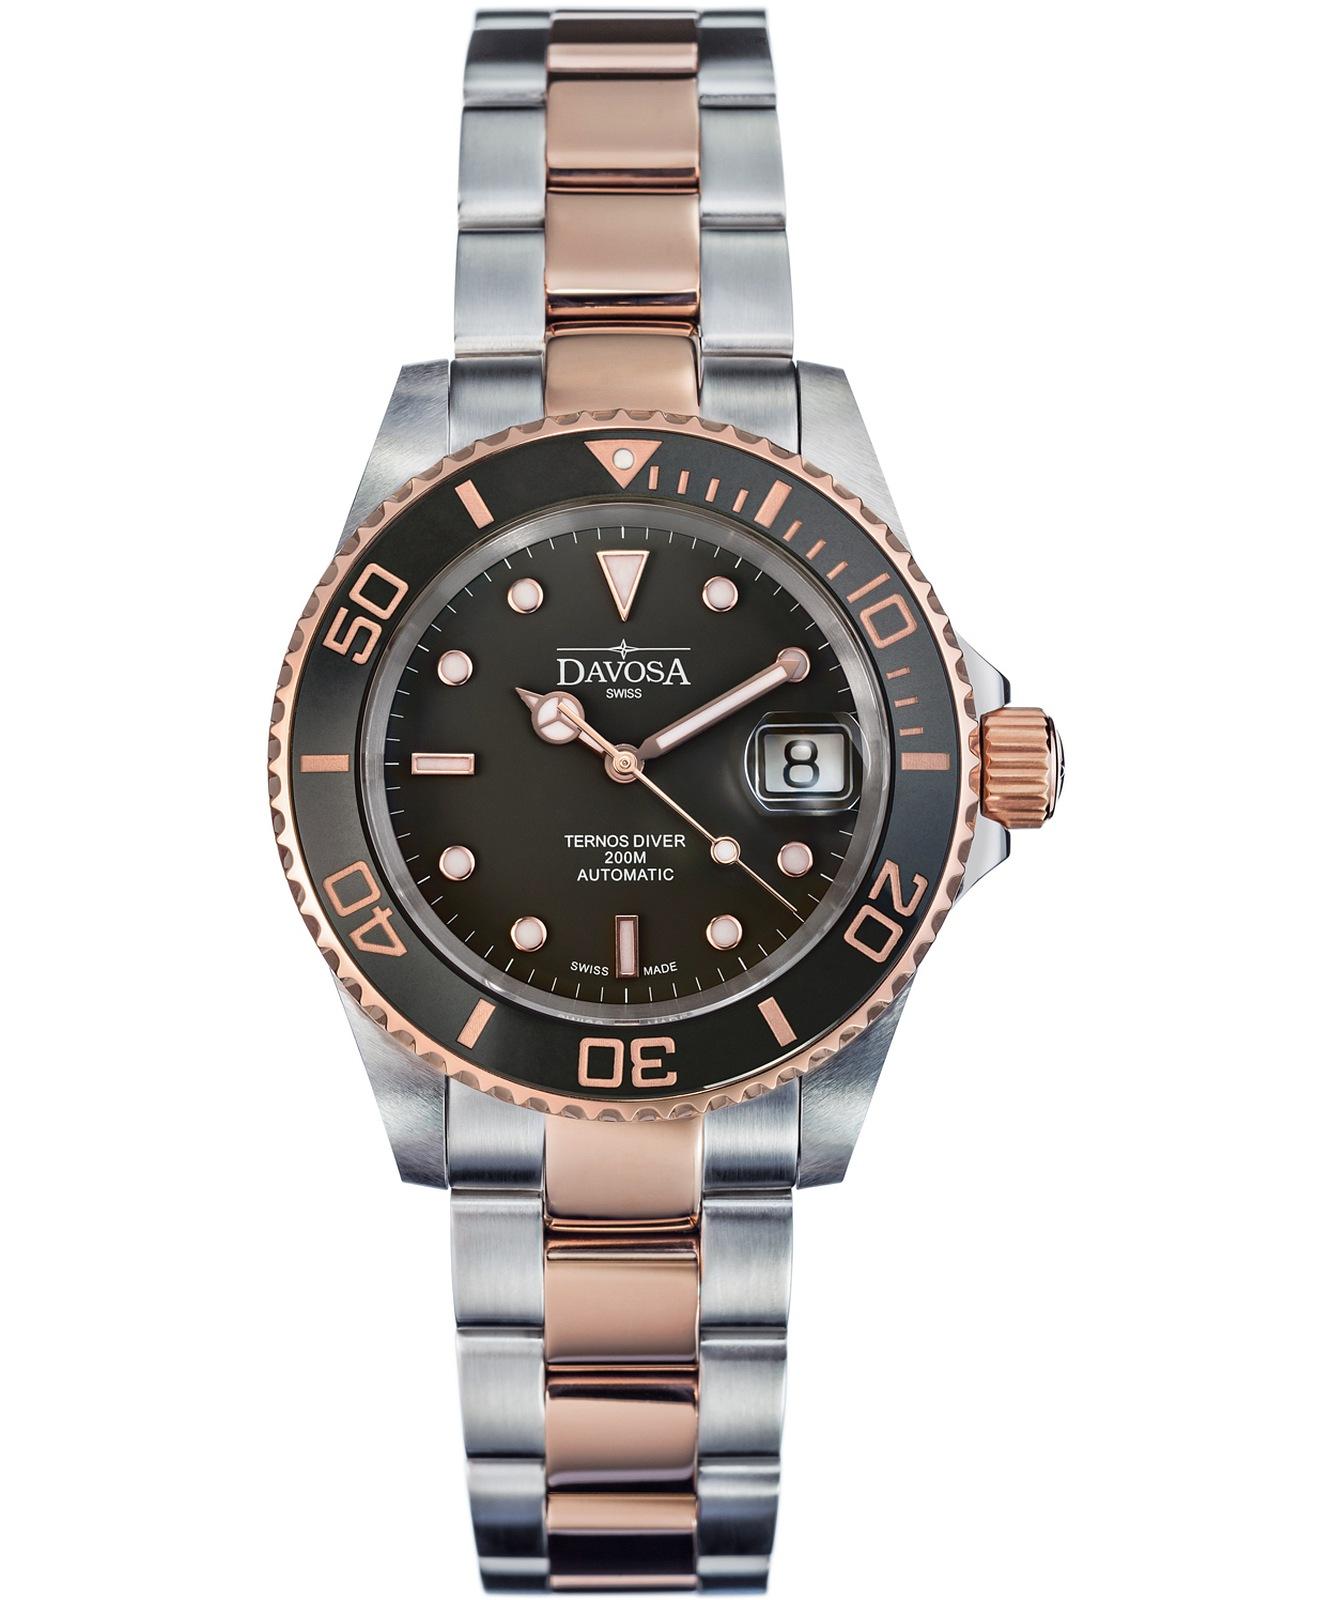 zegarek-meski-davosa-ternos-ceramic-automatic-161-555-65